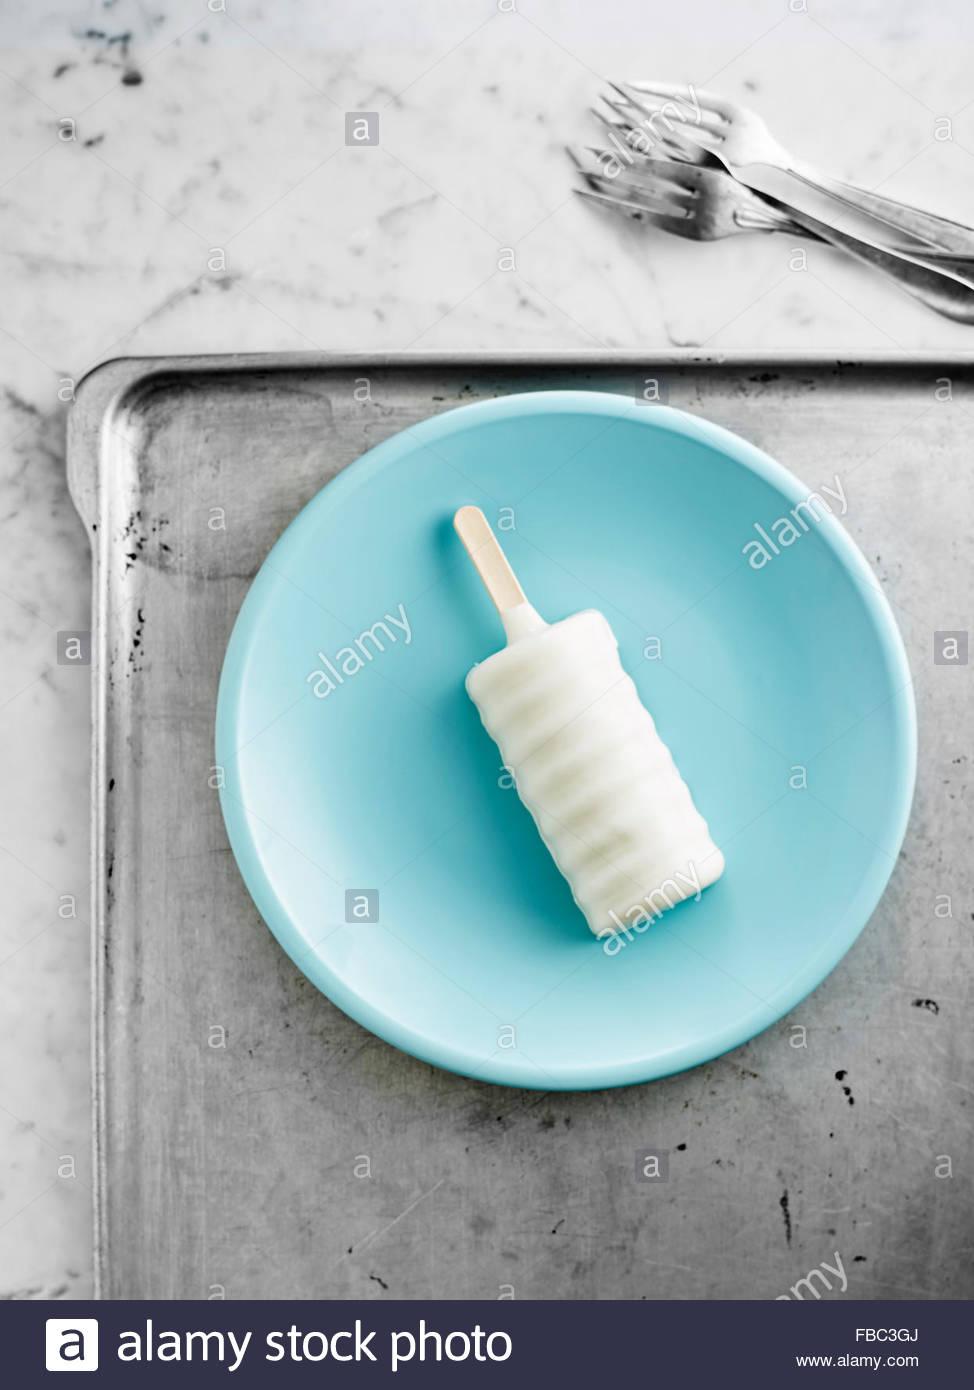 Creamsicle bianco sulla piastra di blu Immagini Stock